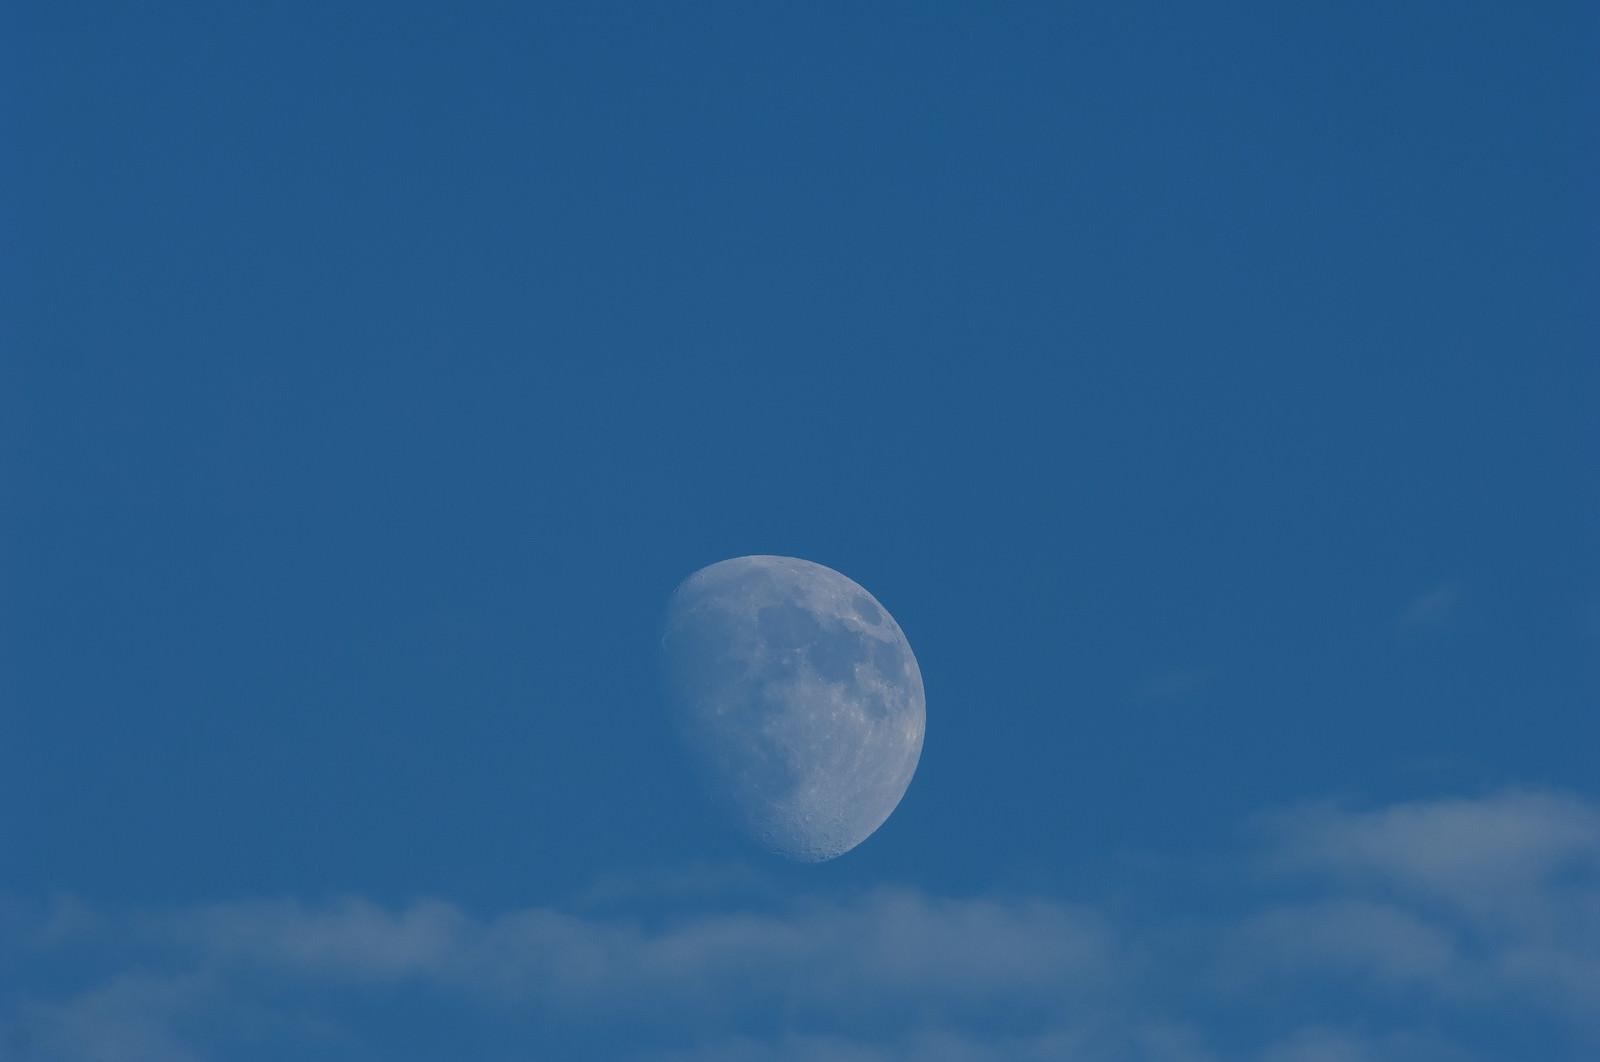 「青空に浮かぶ月」の写真